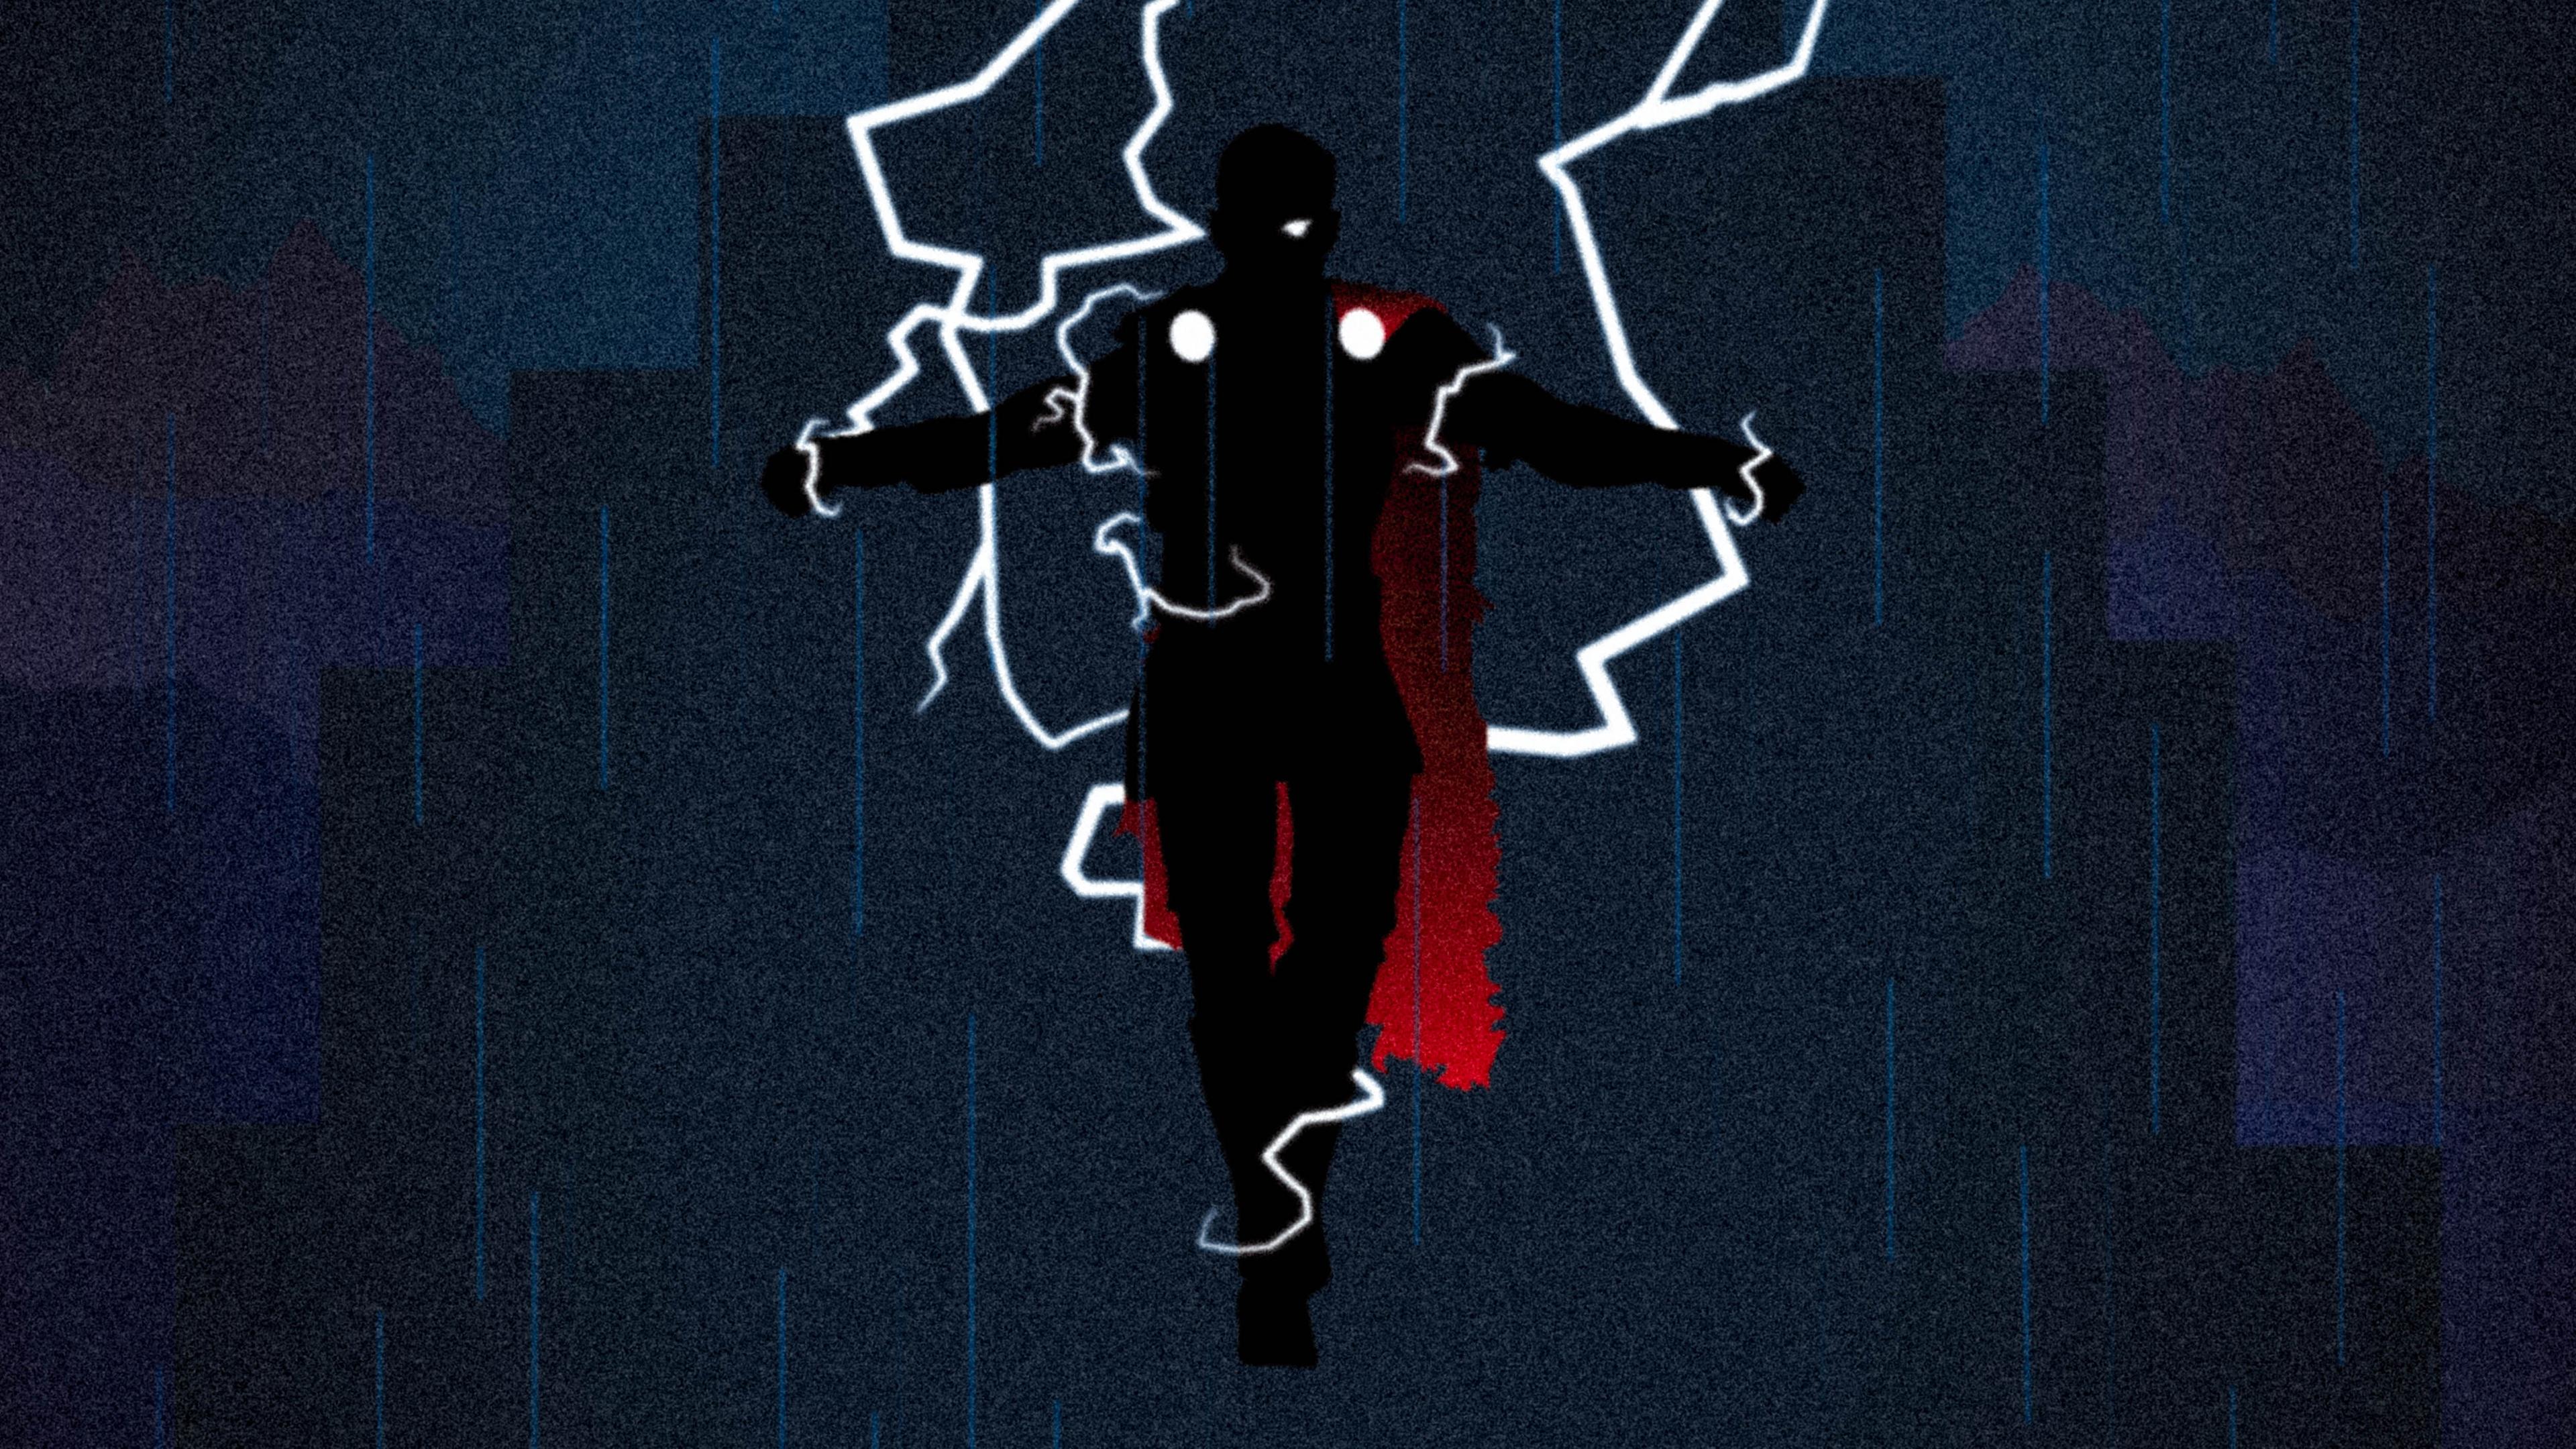 god of thunder thor 4k 1544286911 - God Of Thunder Thor 4K - thor wallpapers, superheroes wallpapers, hd-wallpapers, digital art wallpapers, behance wallpapers, artwork wallpapers, 4k-wallpapers